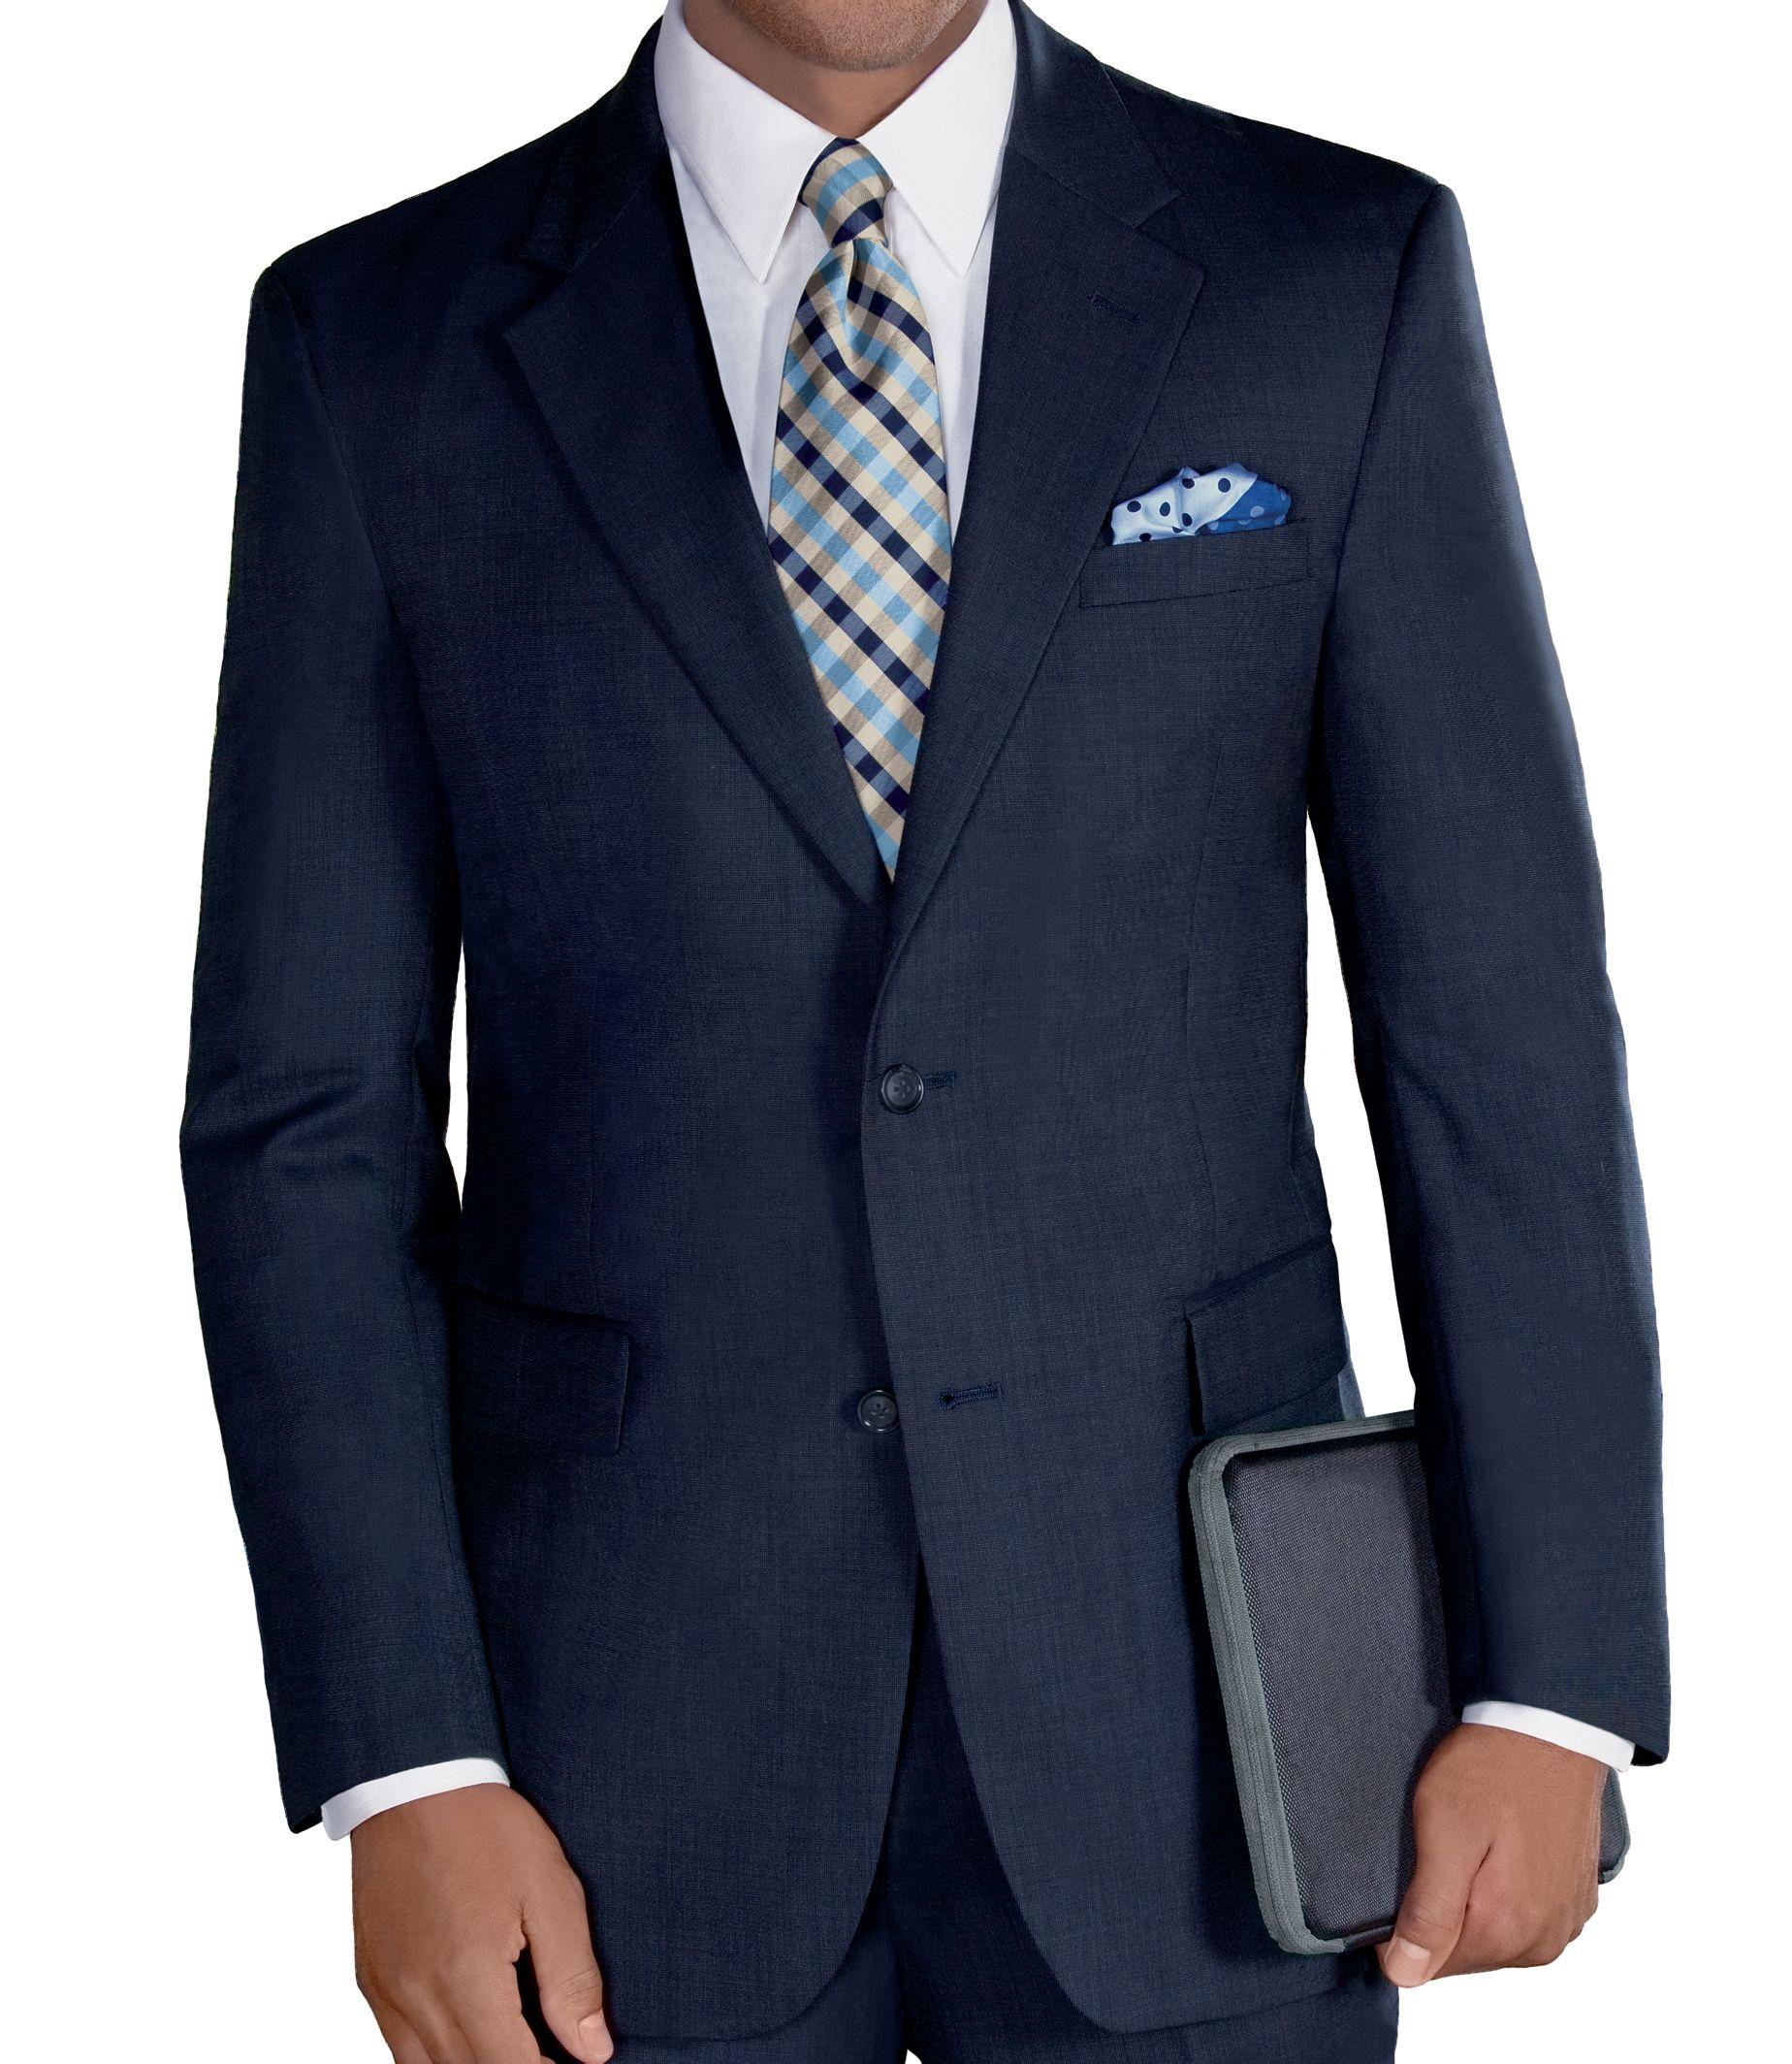 Executive Suits | Men's Suits | JoS. A. Bank Clothiers